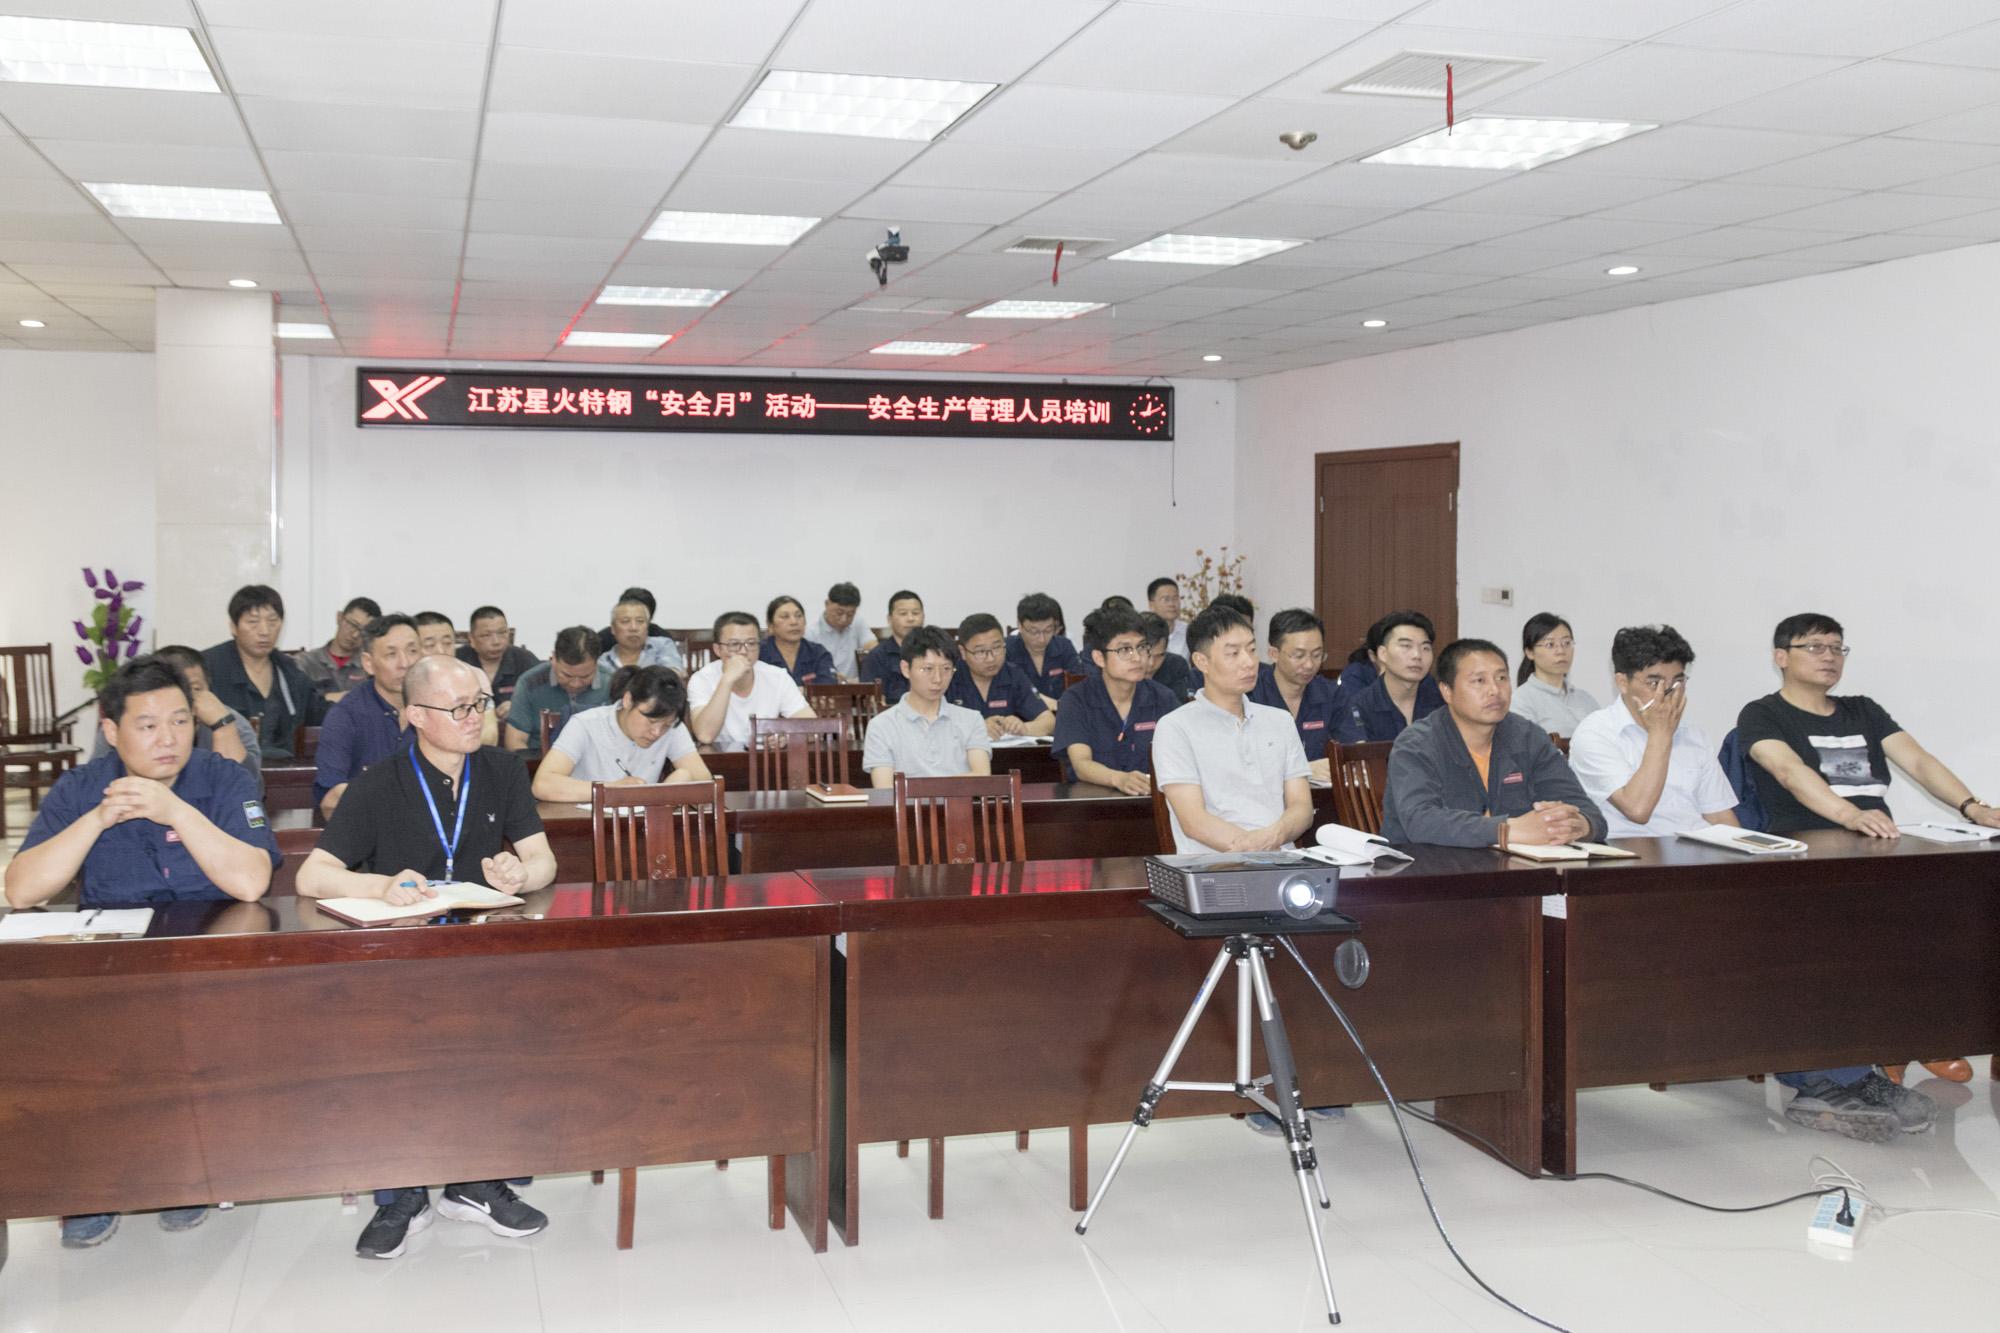 江蘇星火特鋼開展安全管理人員培訓